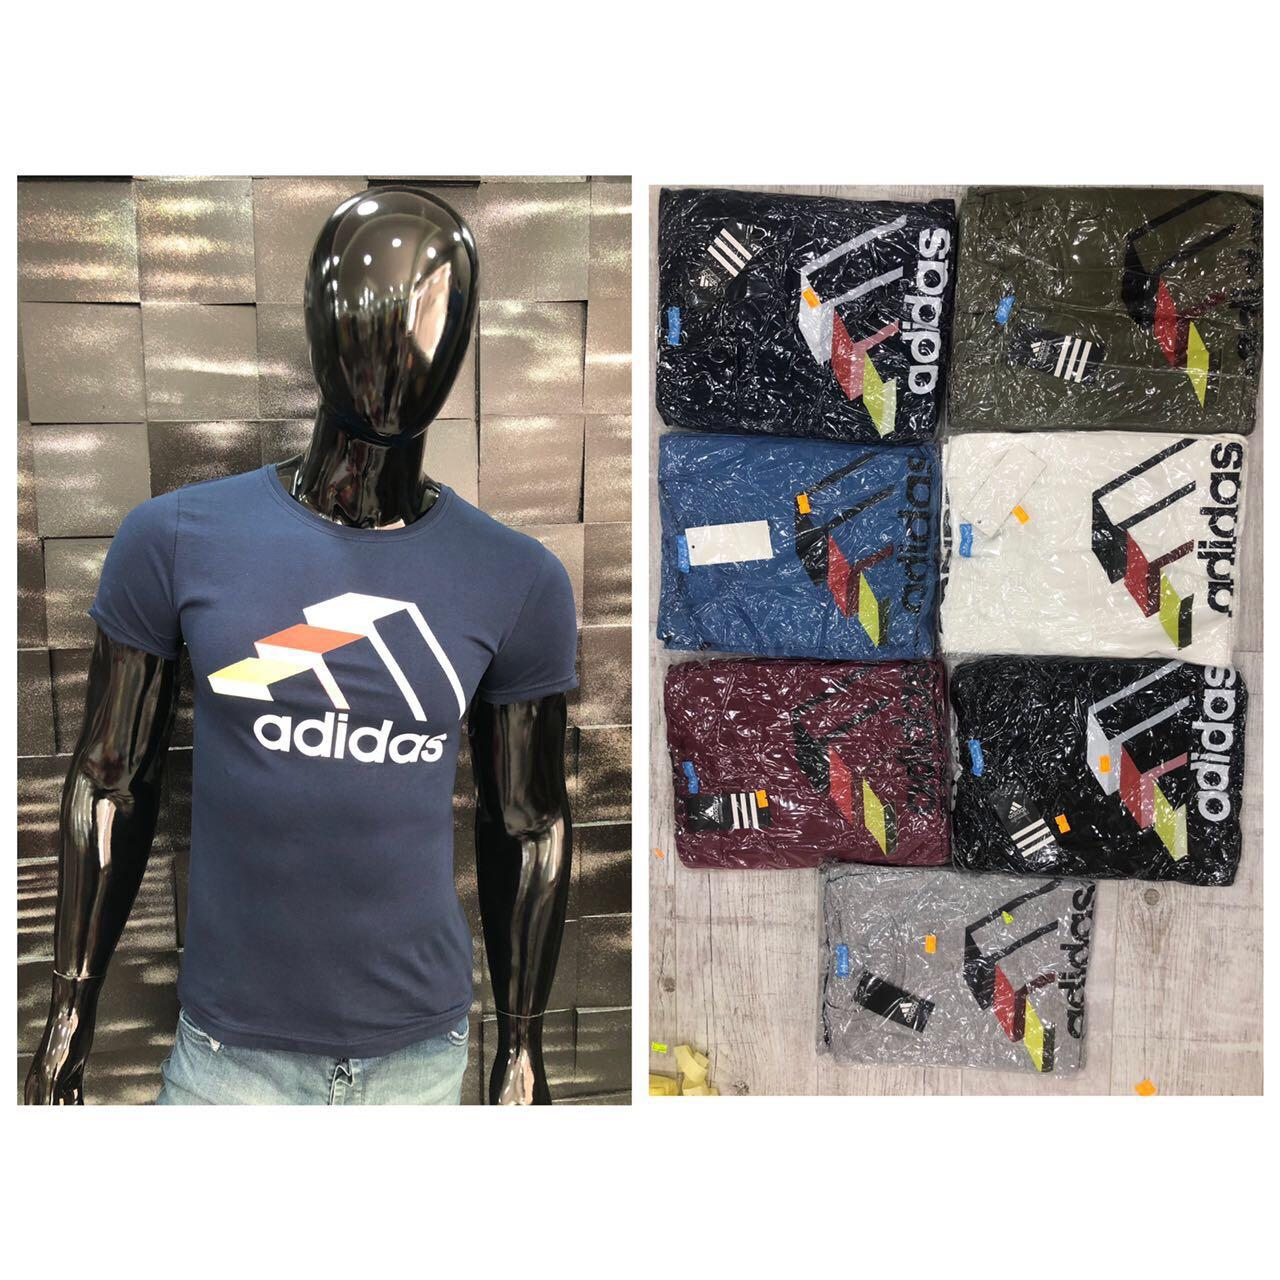 Футболка мужская Adidas, две модели. Супер качество, хлопок, Турция. Размеры  с-м и л-хl, расцветки